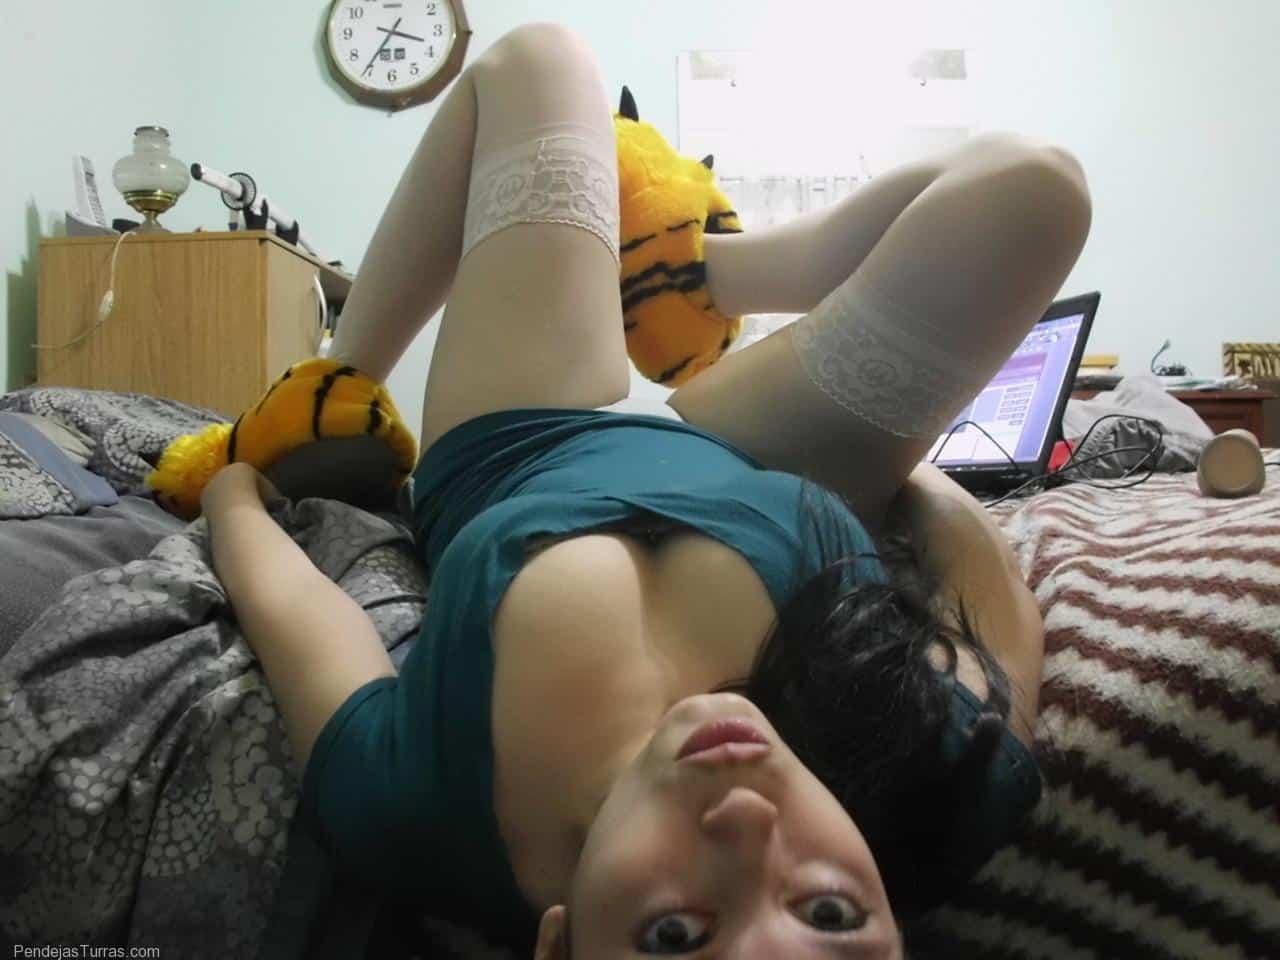 Esta chica adora el porno y el hentai